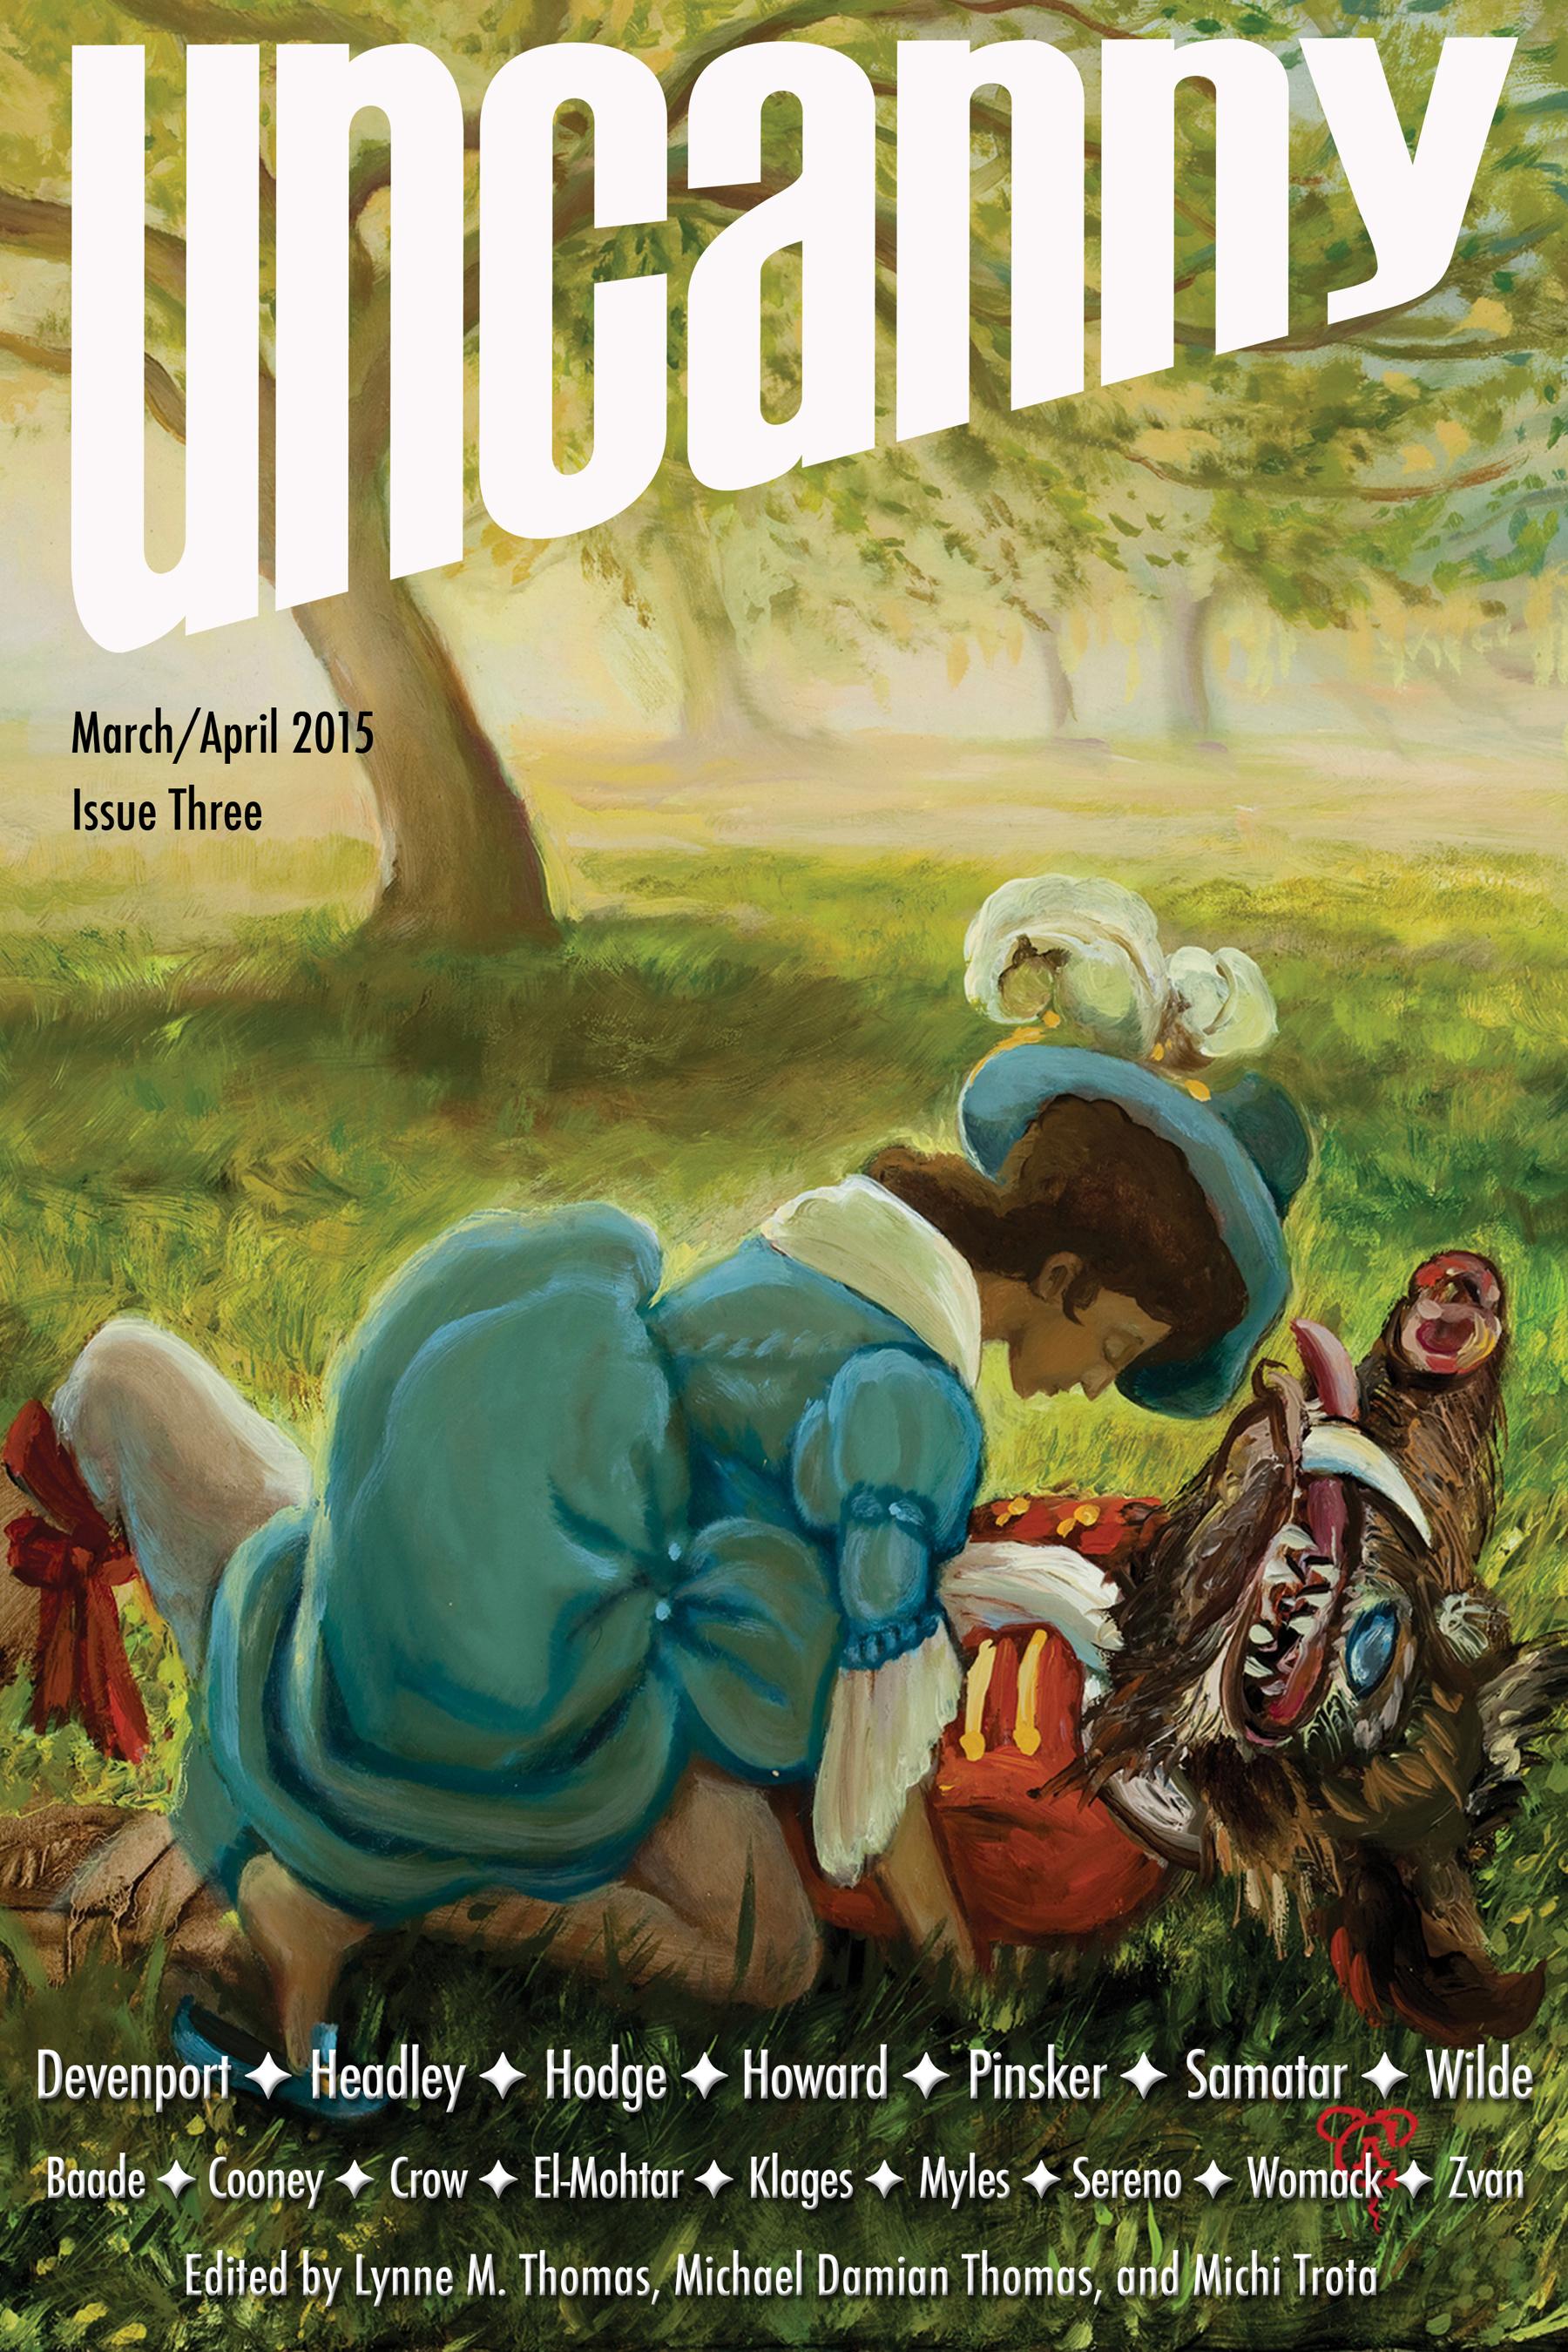 Uncanny Magazine Issue 3: March/April 2015 by Michael Damian Thomas, Lynne M. Thomas, Michi Trota